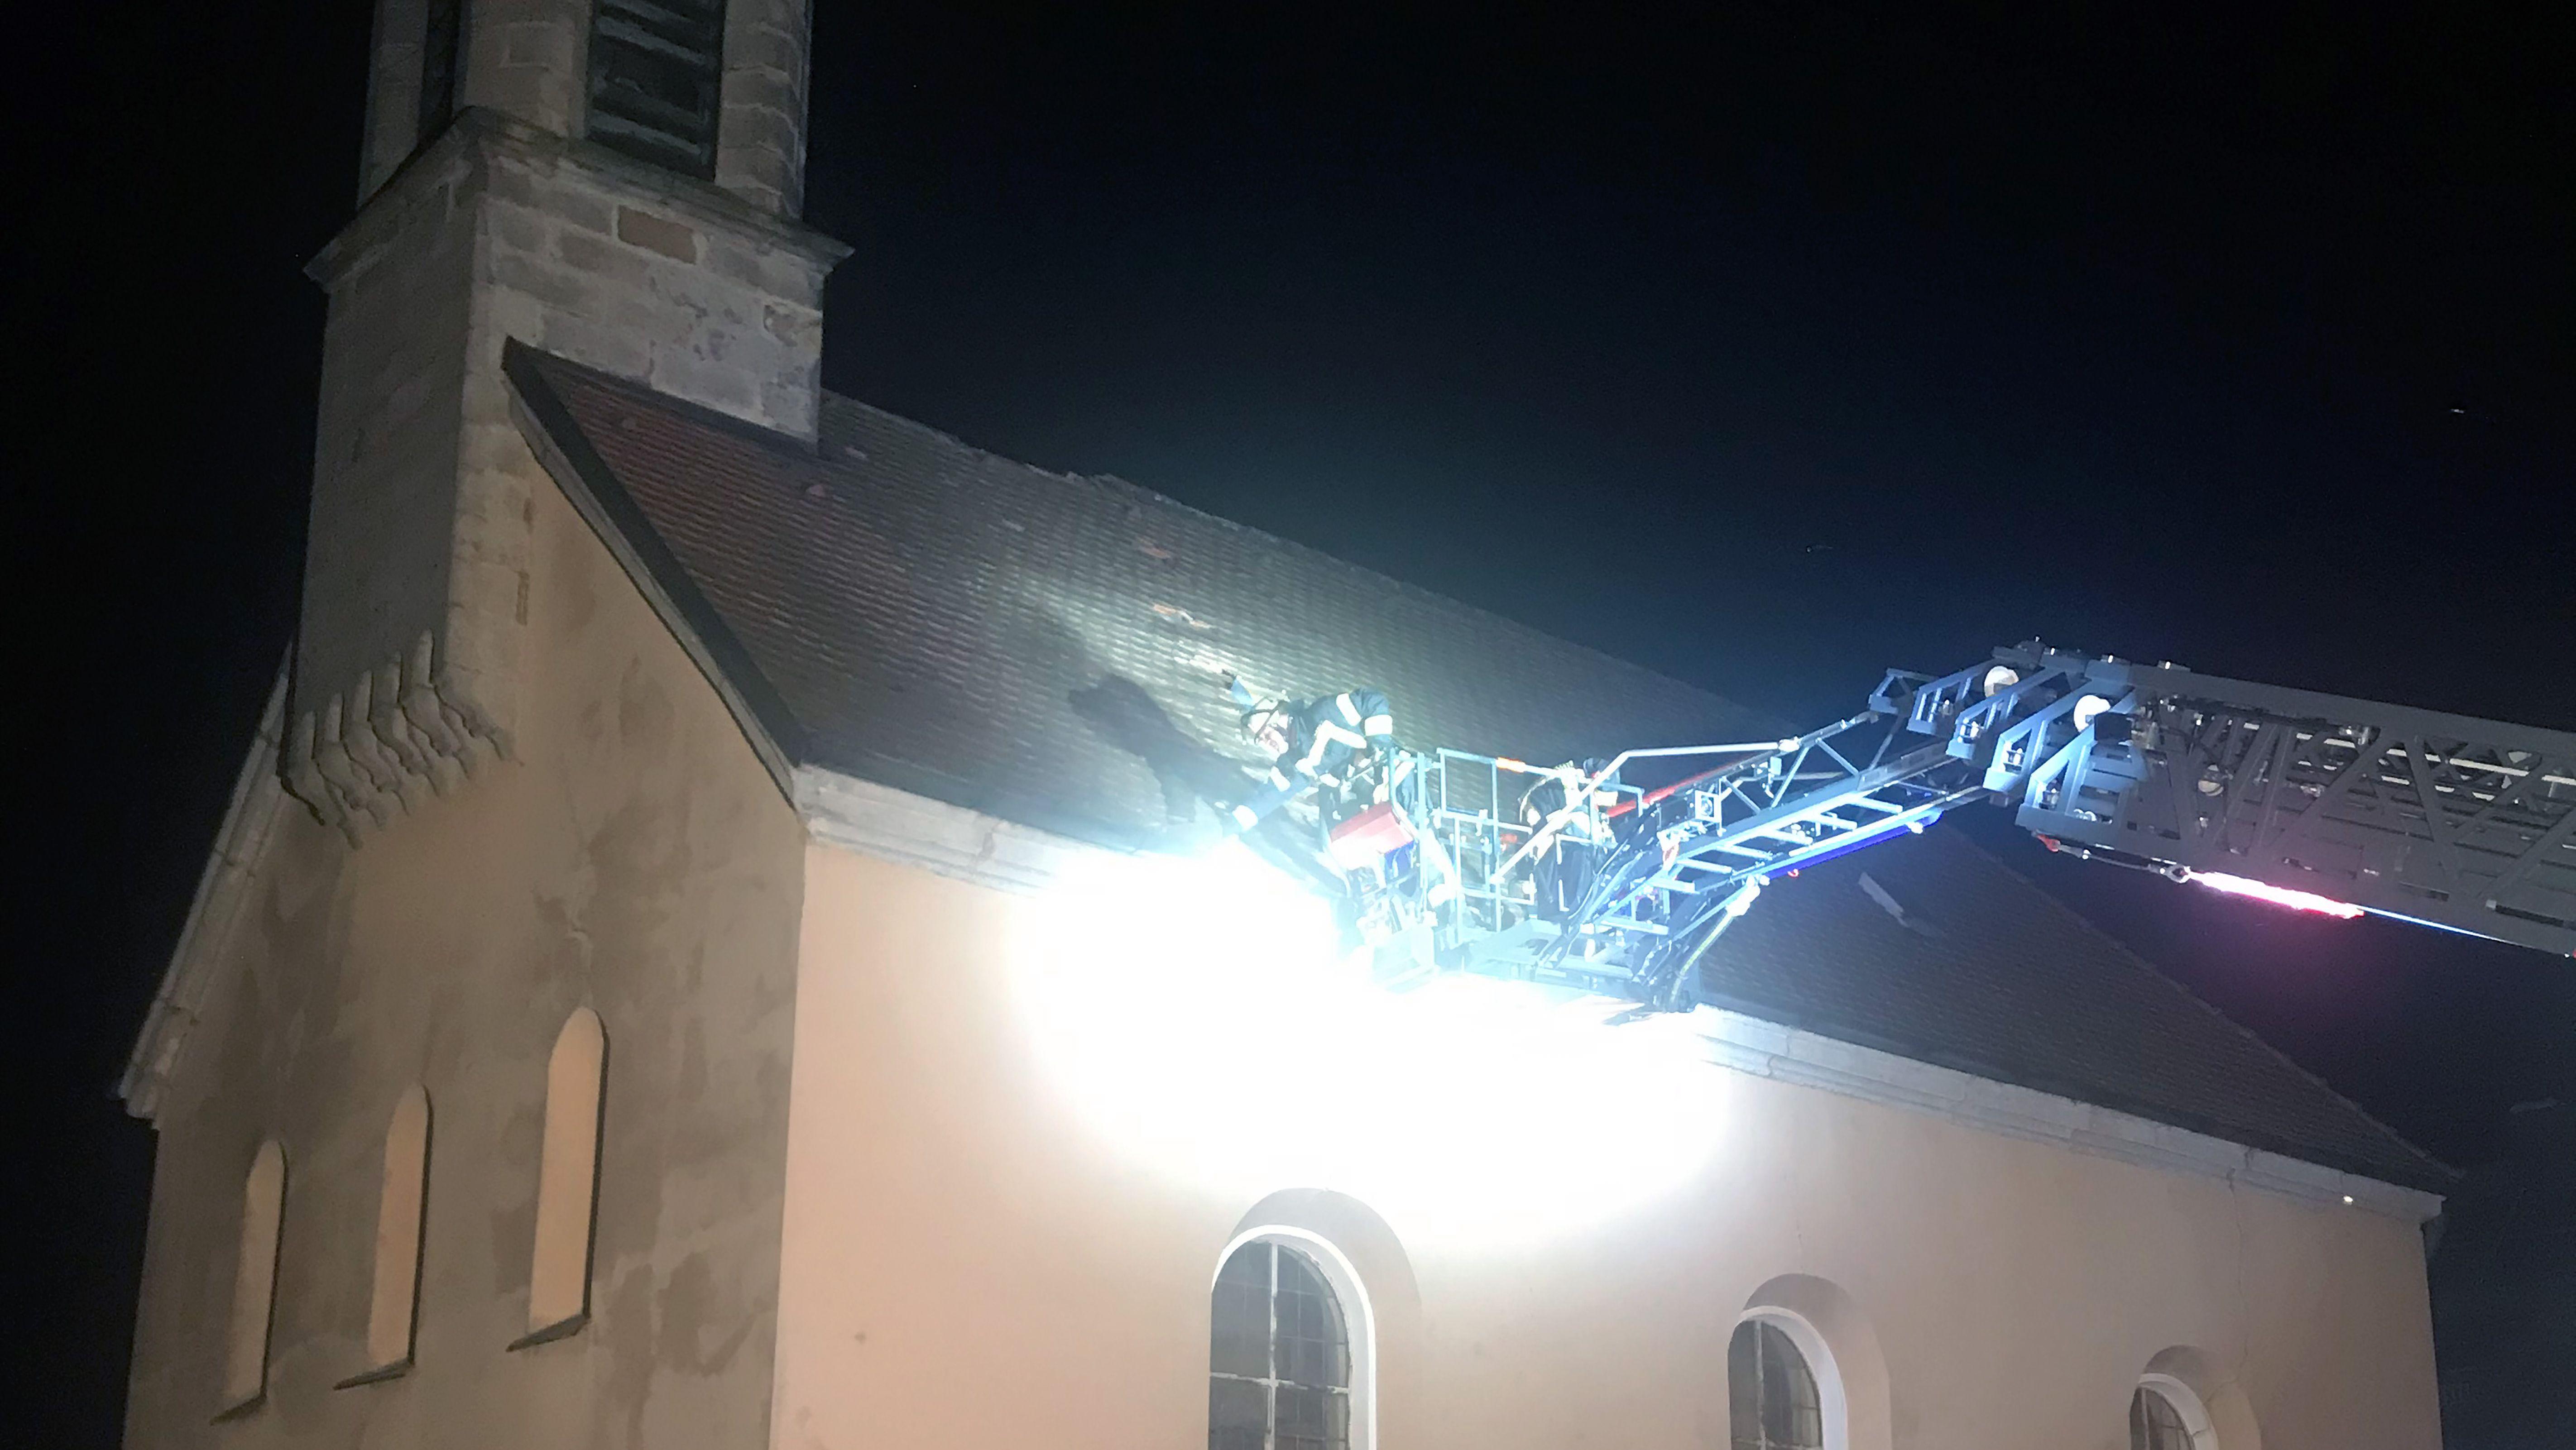 Das rund 100 Kilogramm schwere Kreuz ist von der Kirchturmspitze gestürzt und im Kirchendach eingeschlagen.